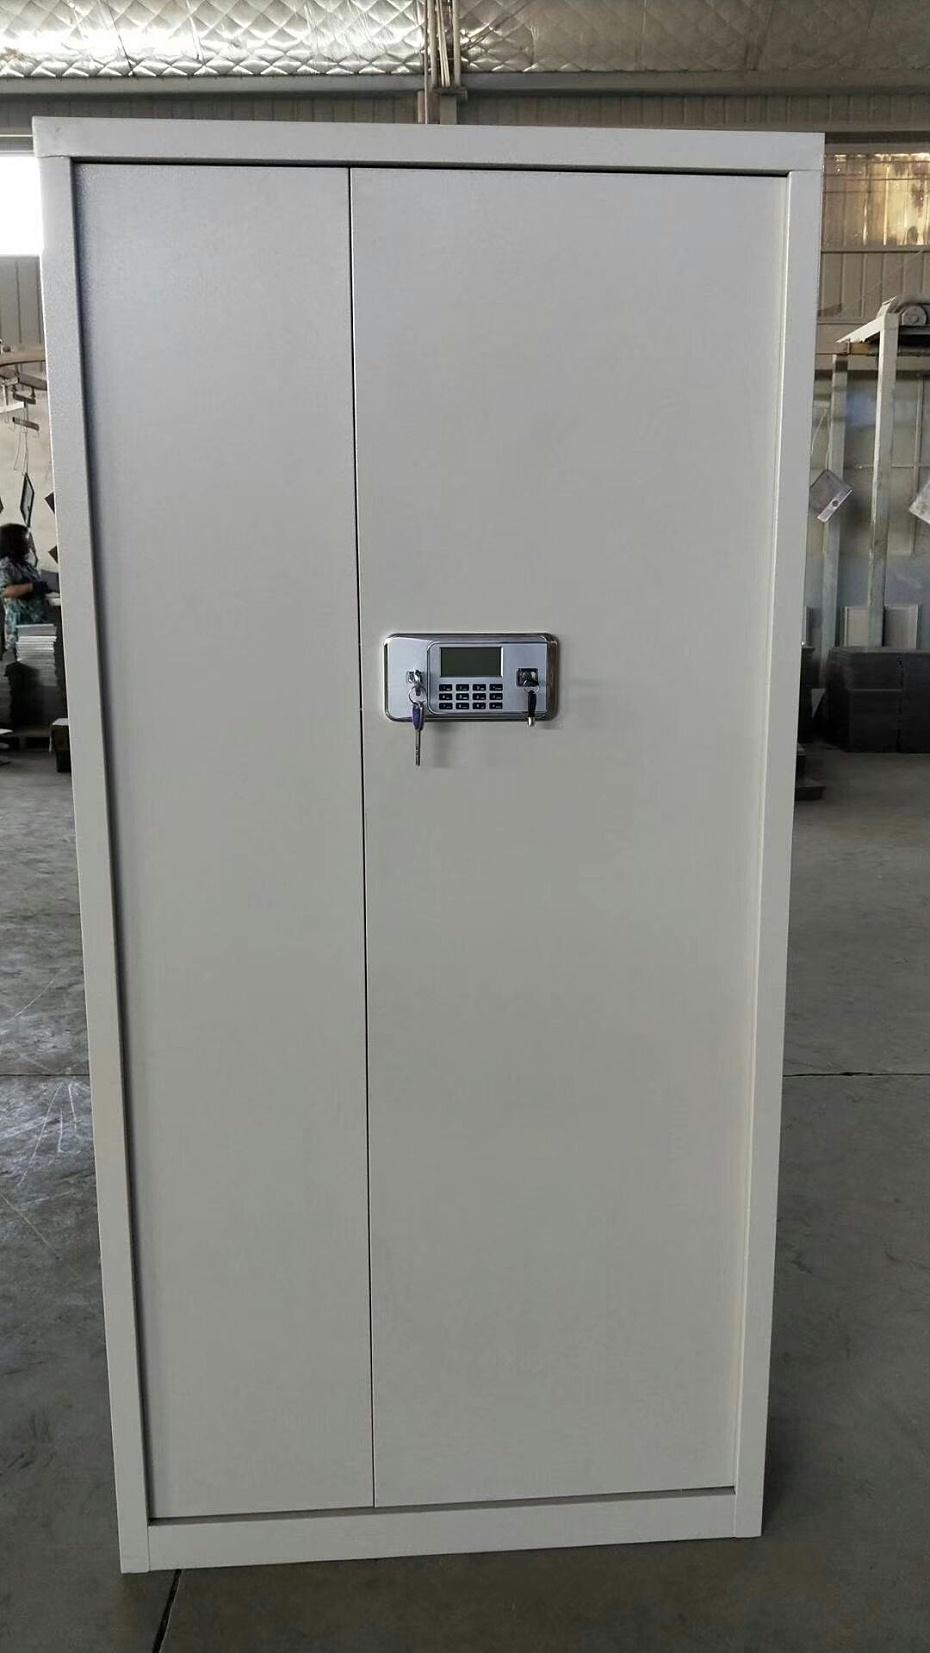 通门保密柜BMG03-1参考价.3000